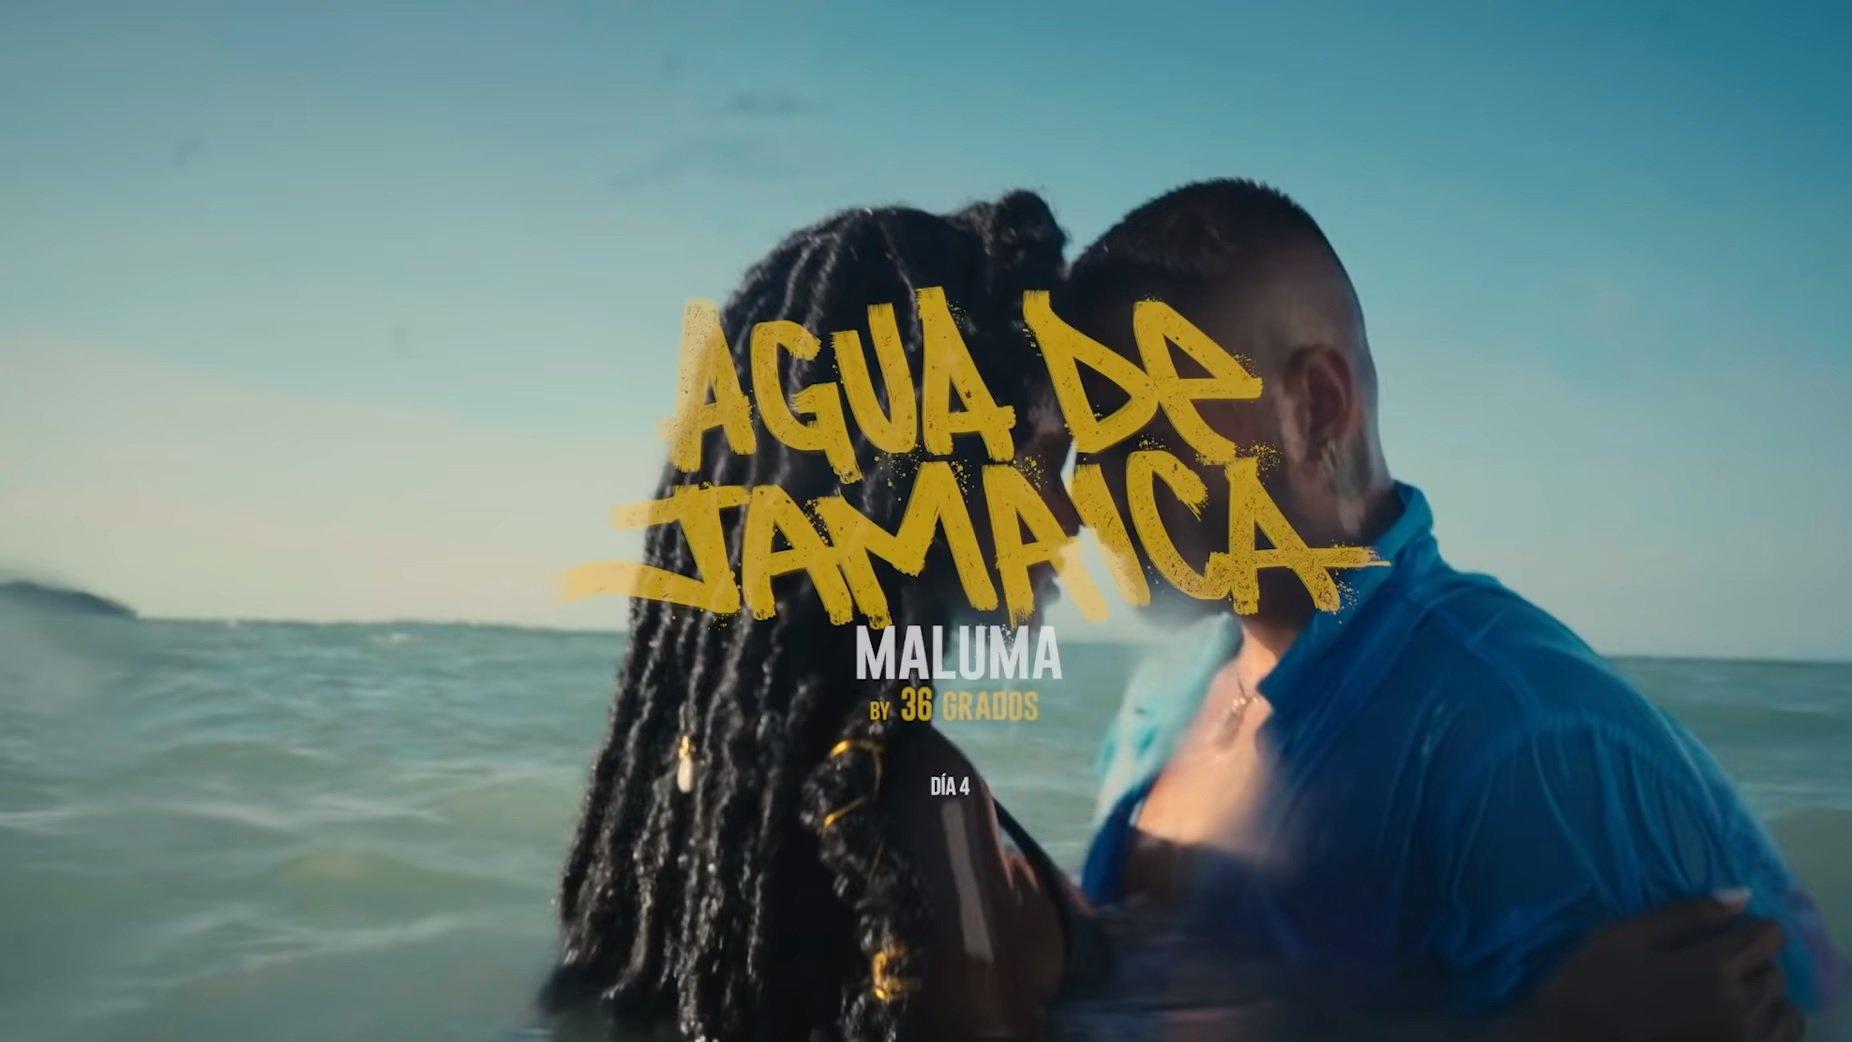 Maluma Agua de Jamaica